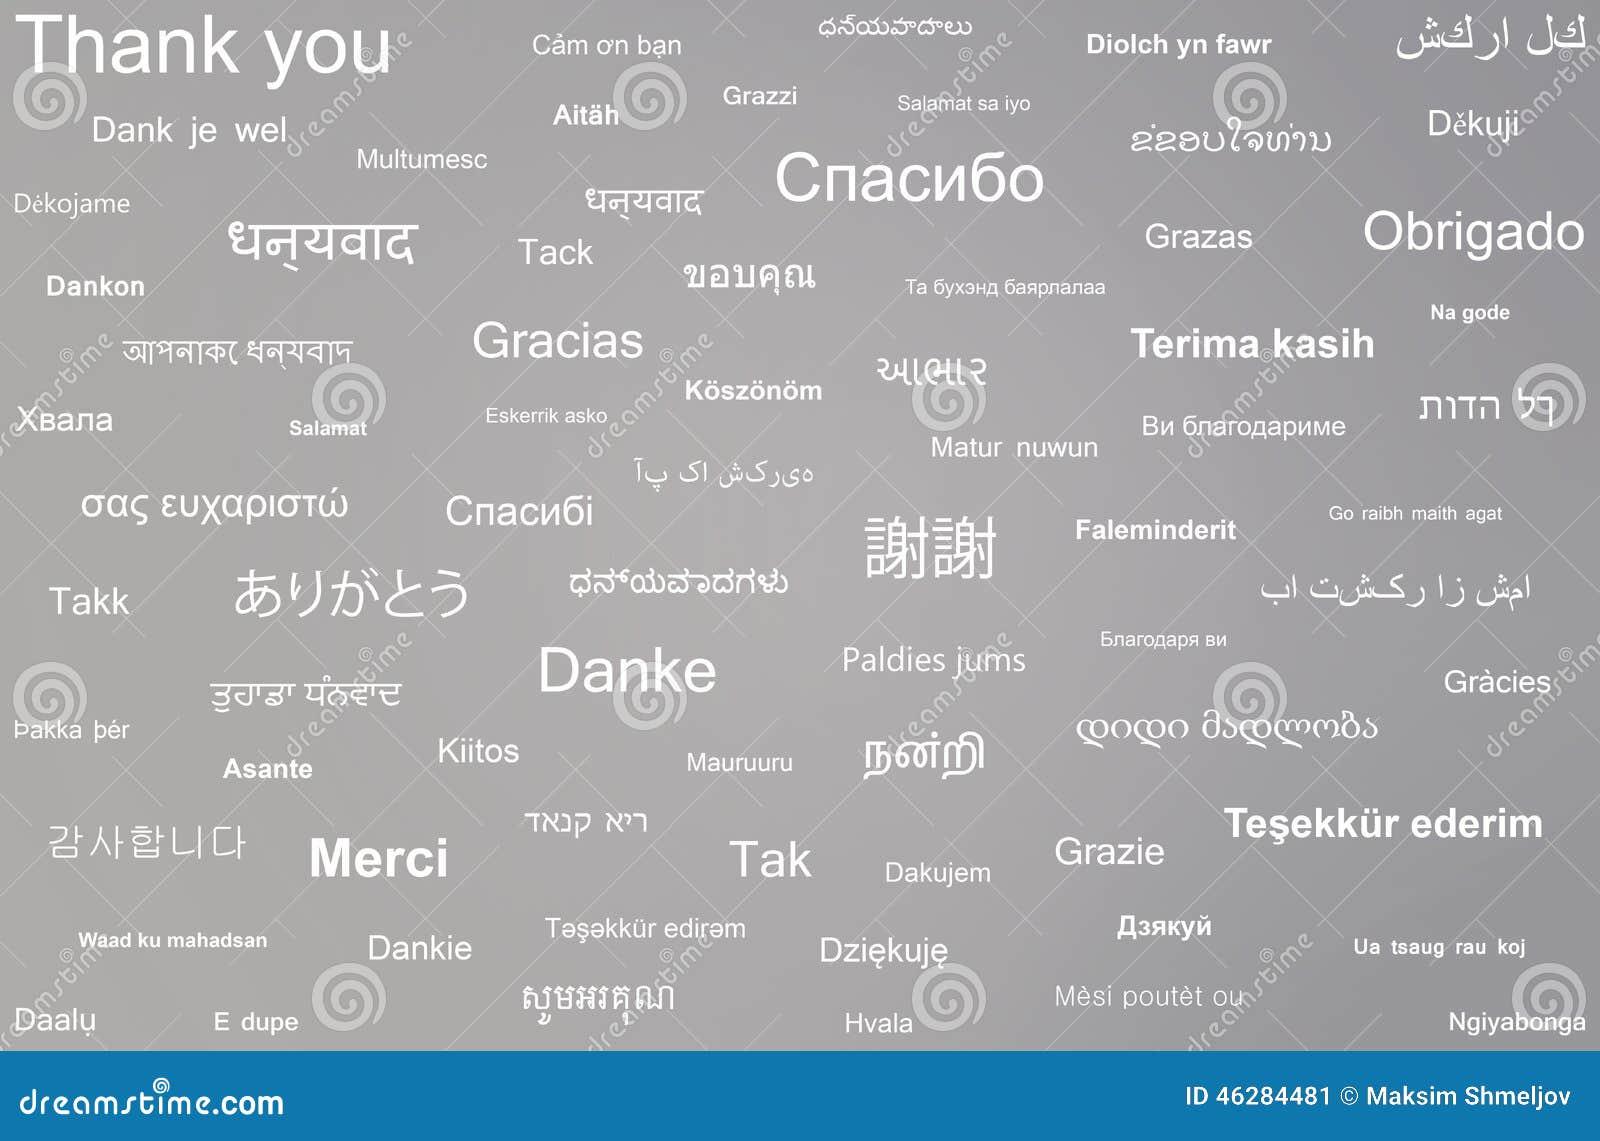 A Colagem Da Frase Agradece Lhe Escrito Em Línguas